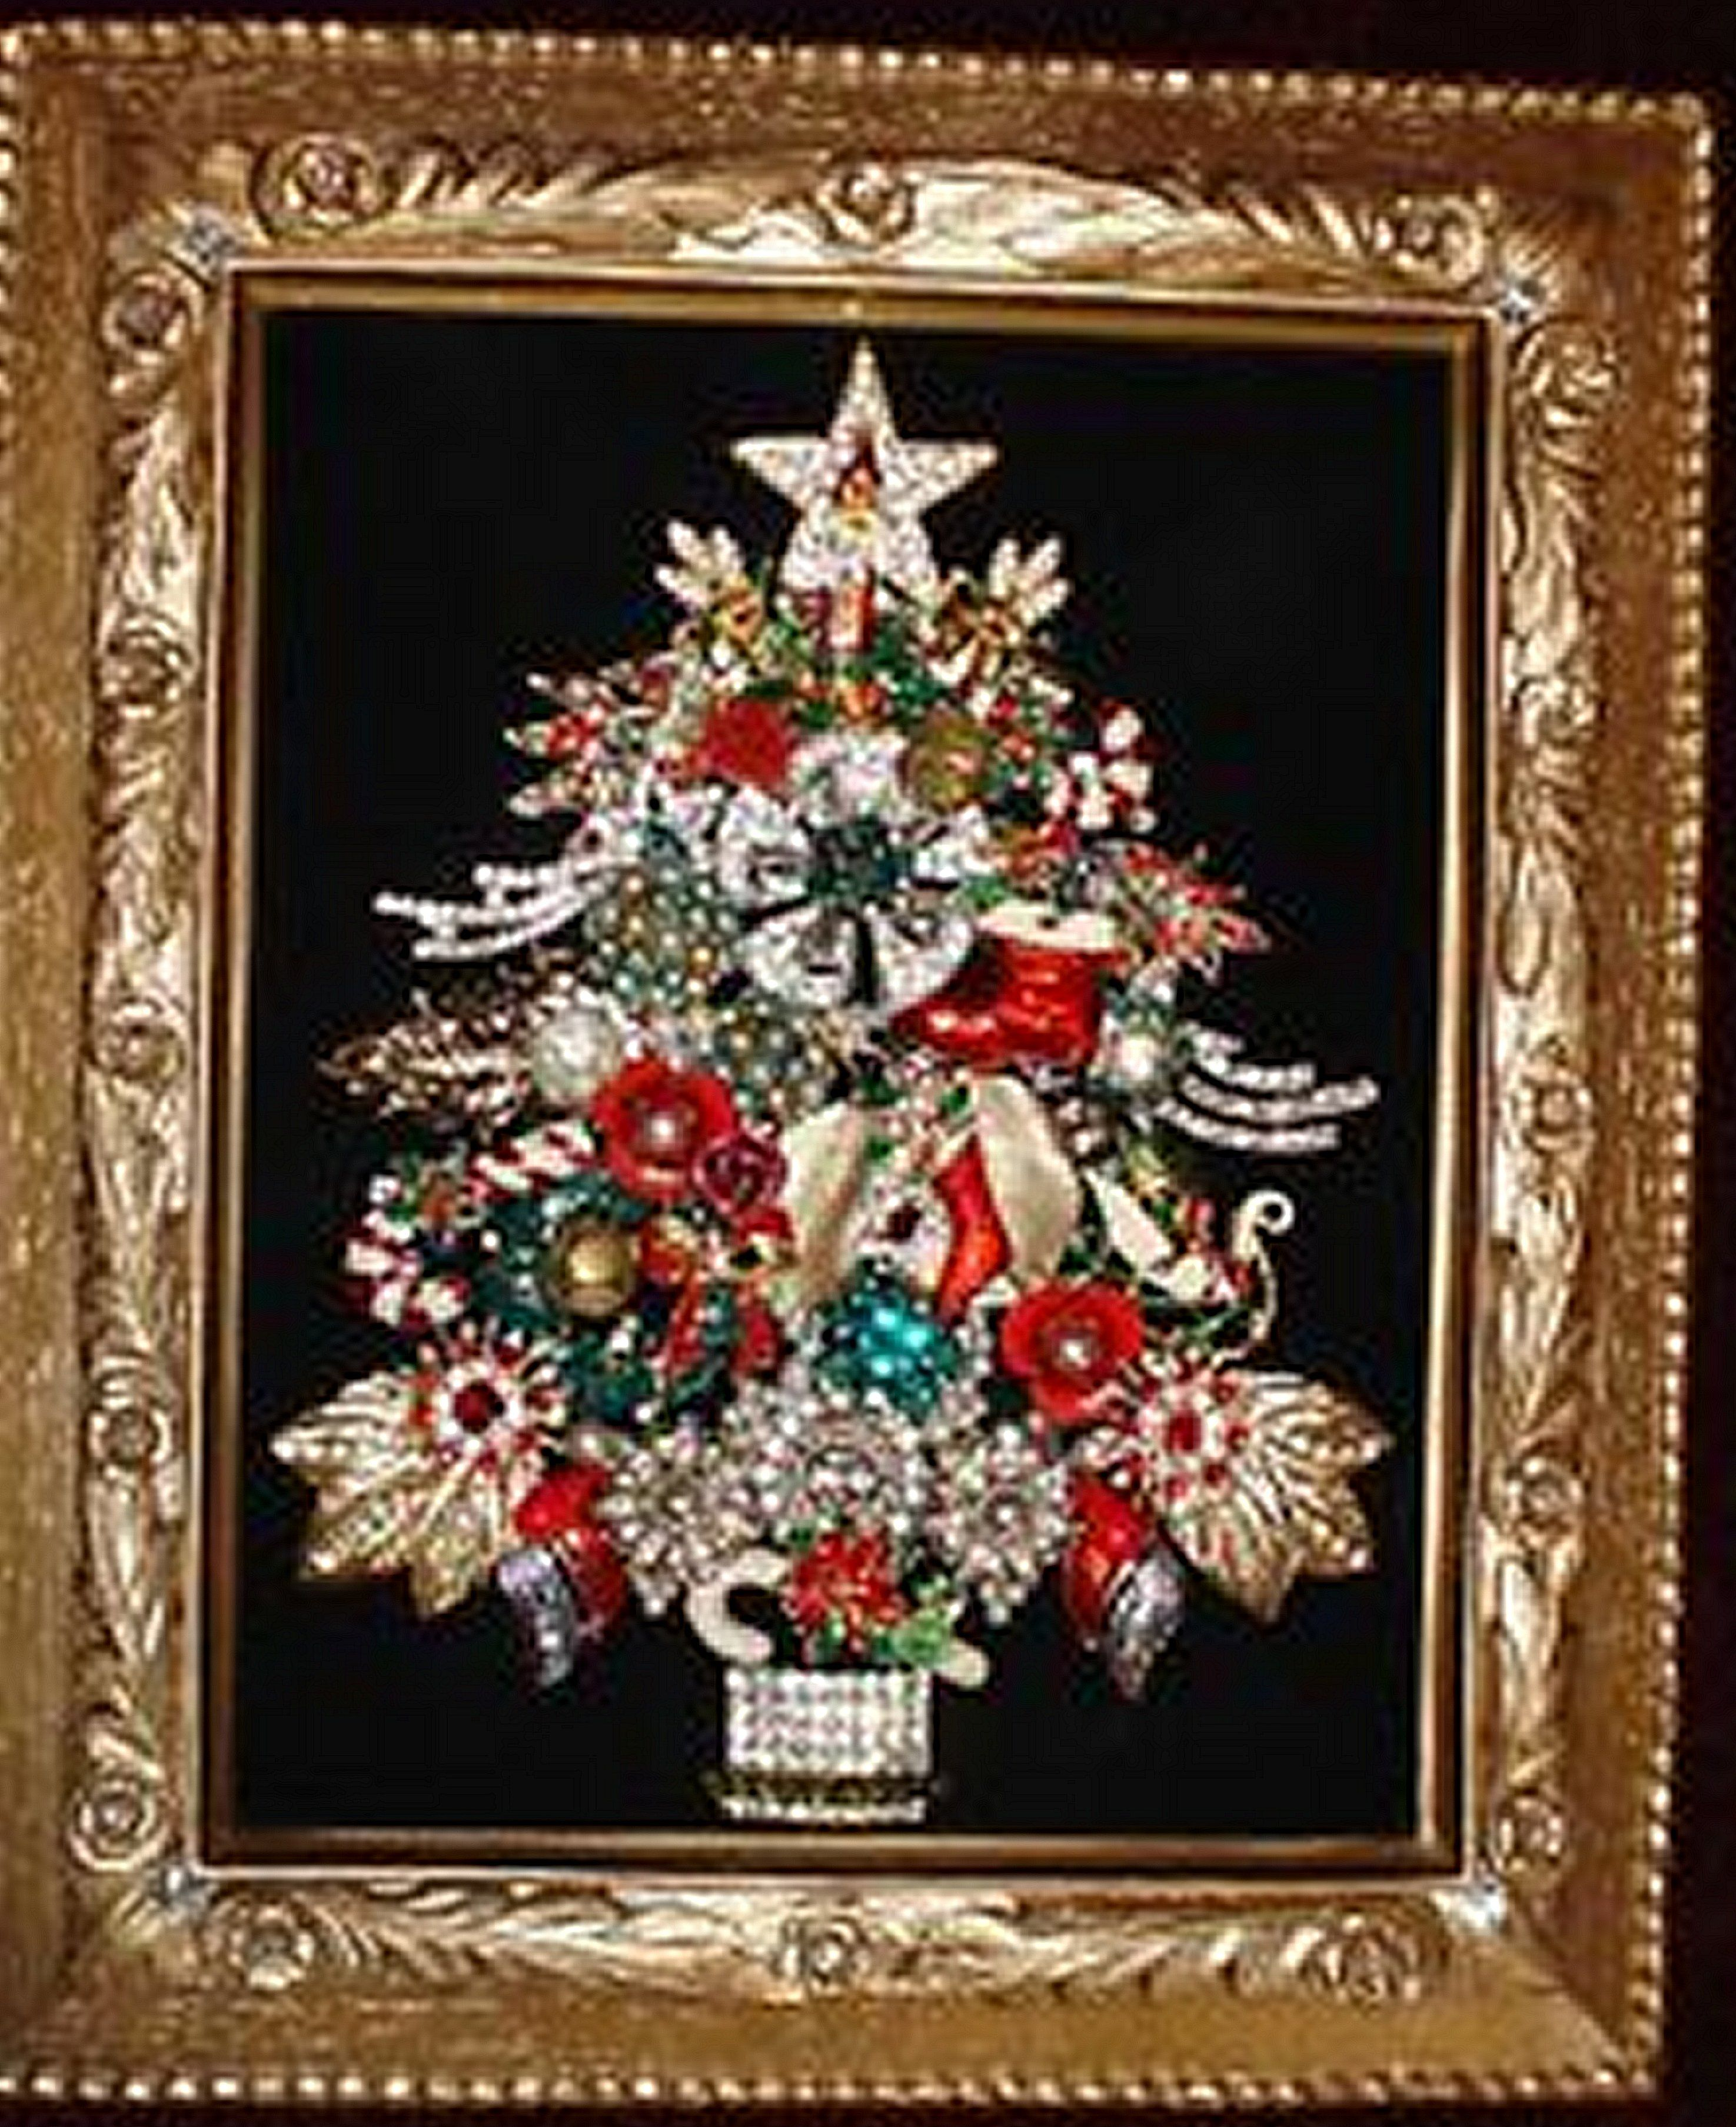 Jeweled Xmas tree. | Christmas Cheer! | Pinterest | Xmas tree, Xmas ...